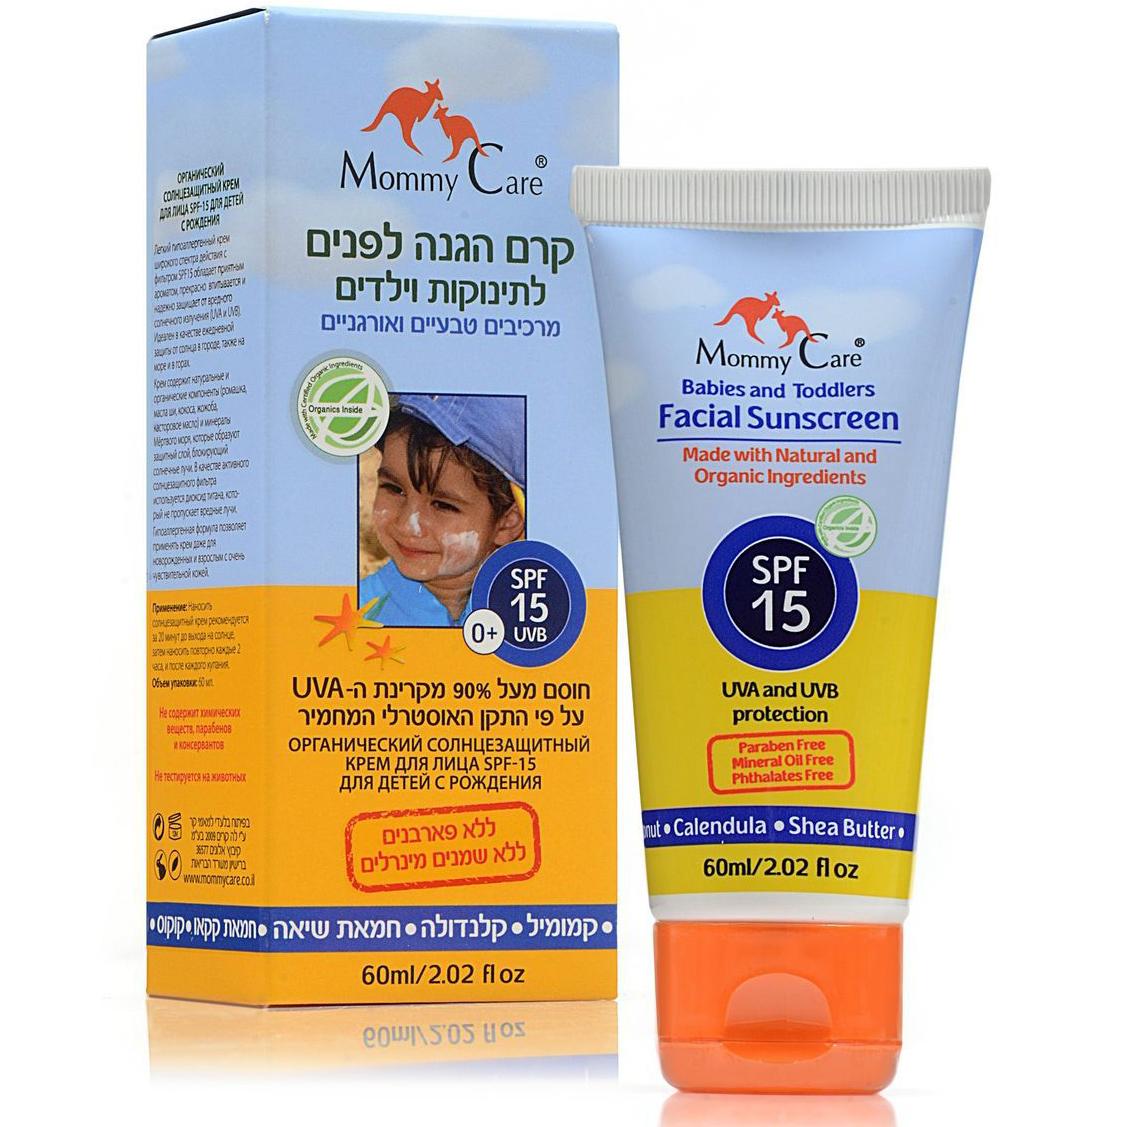 Органический солнцезащитный крем для лица от Toyway